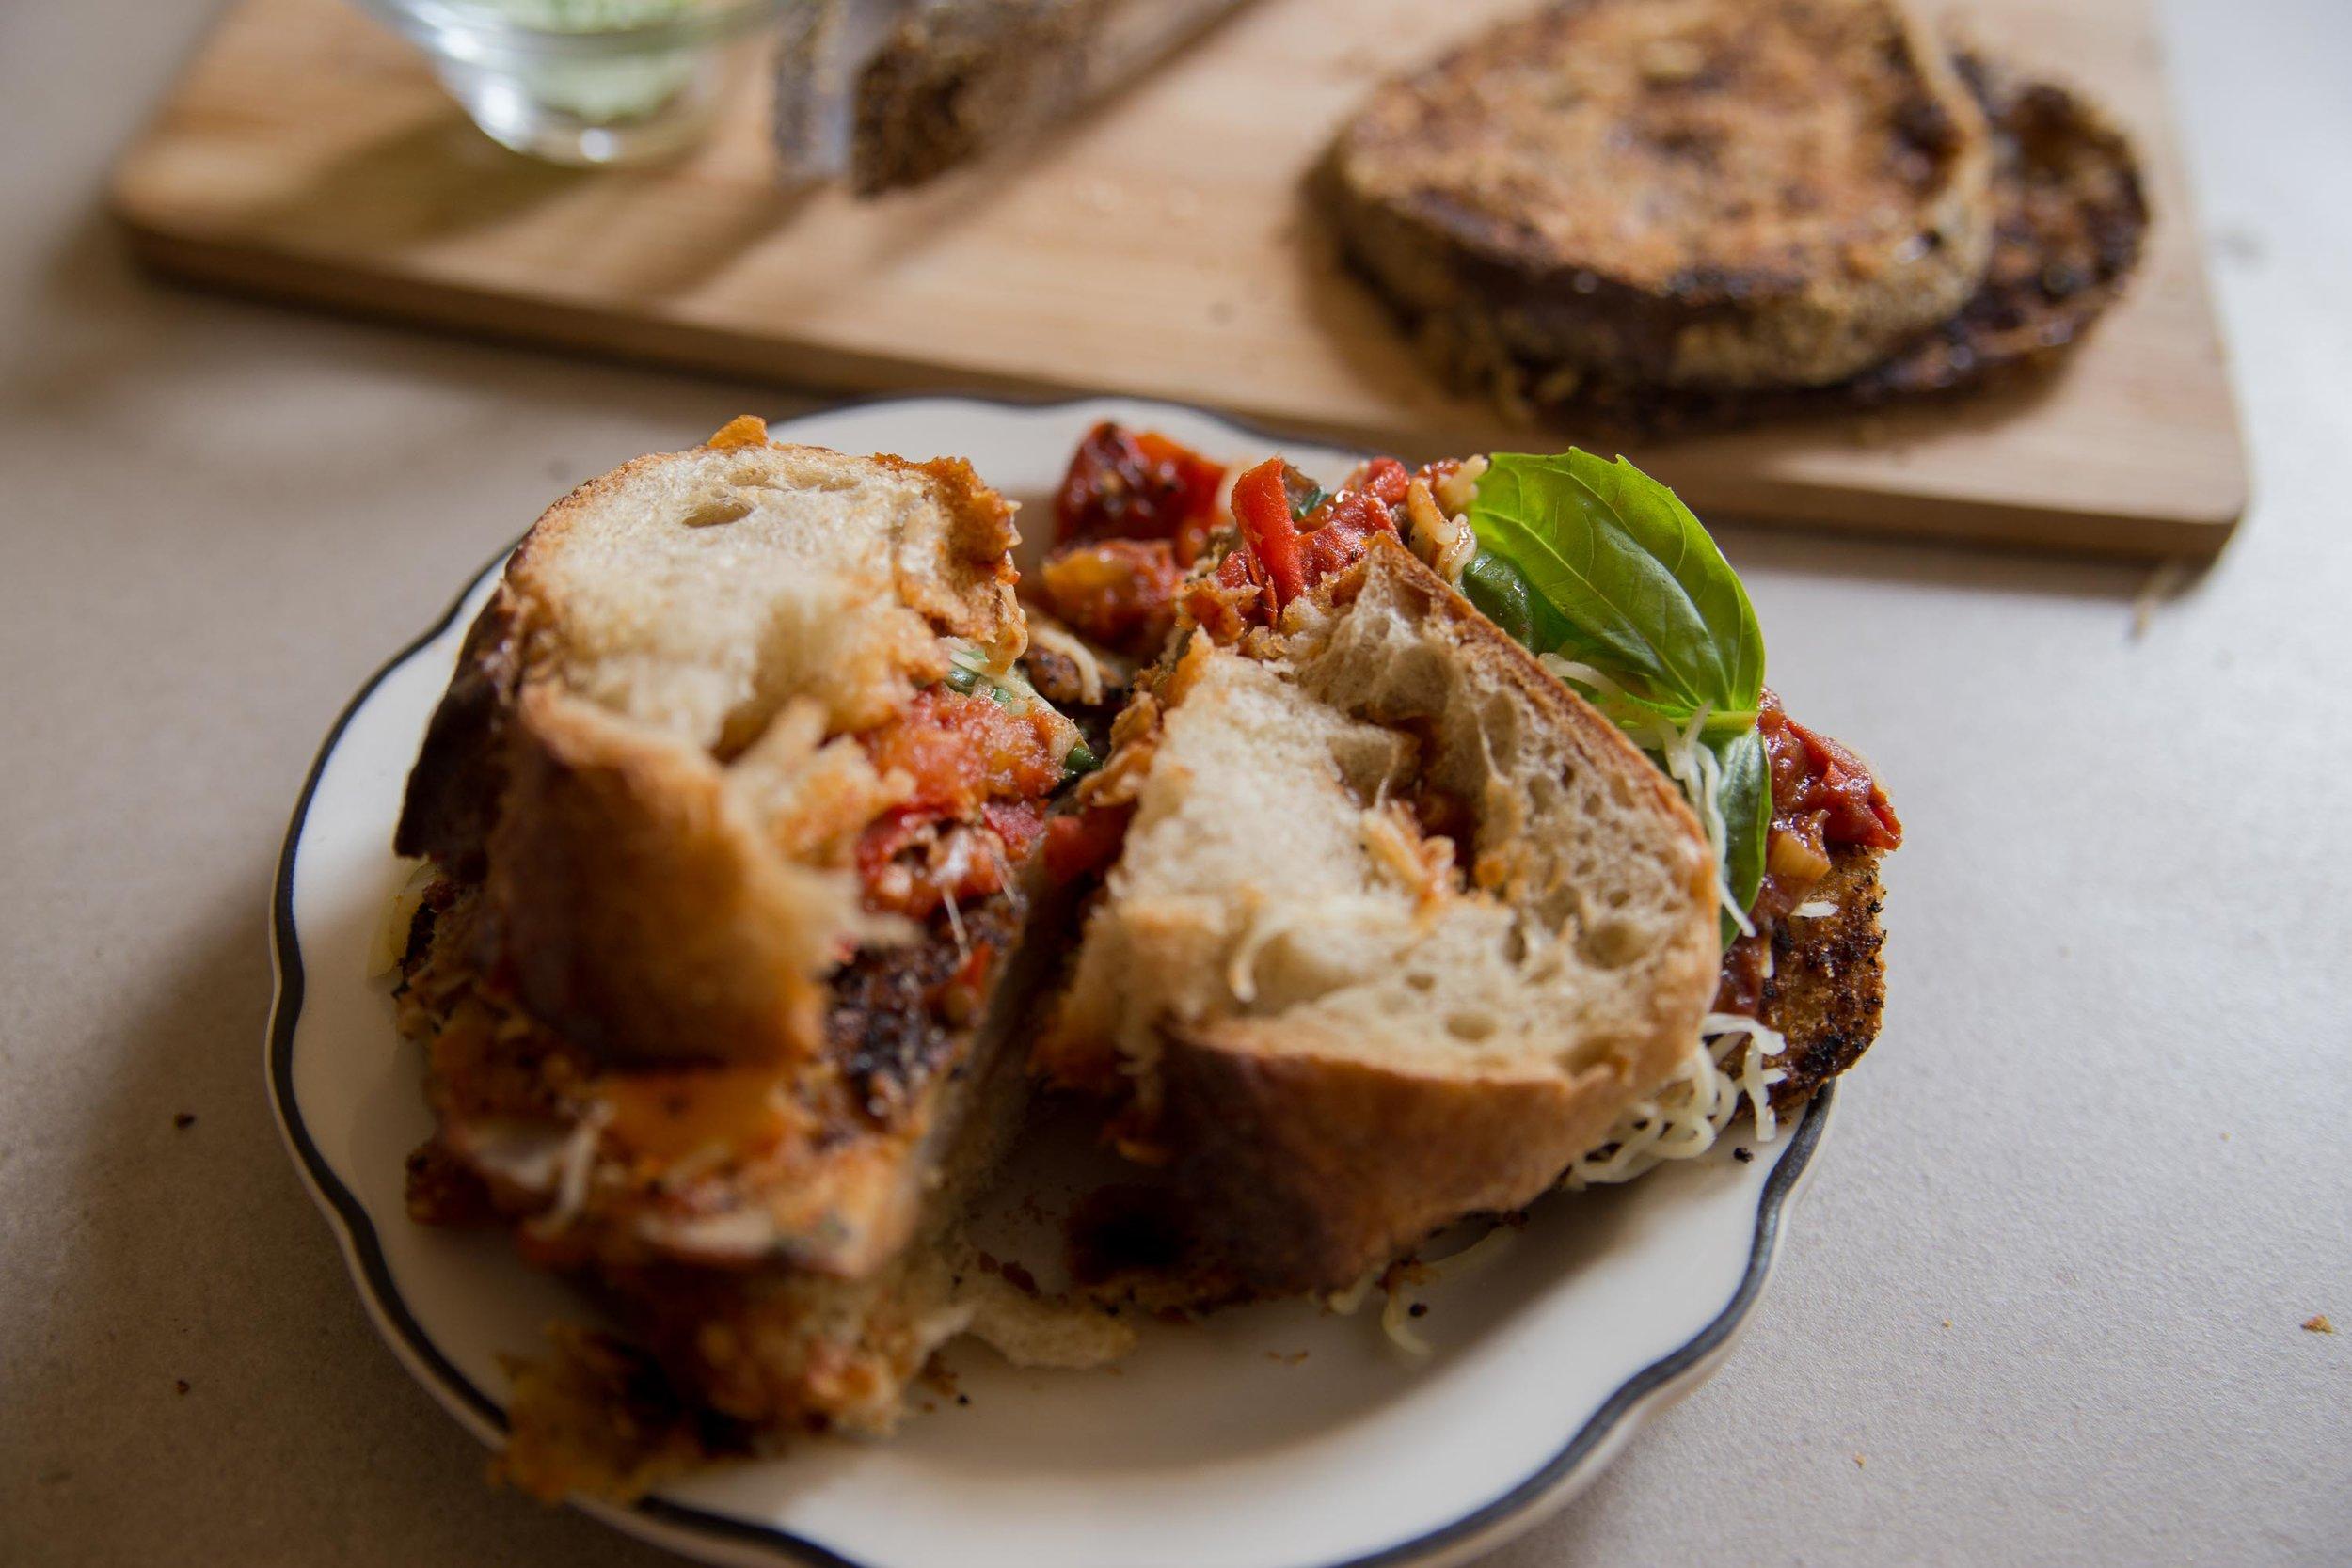 parmesan_eggplant_panini (11 de 12).jpg